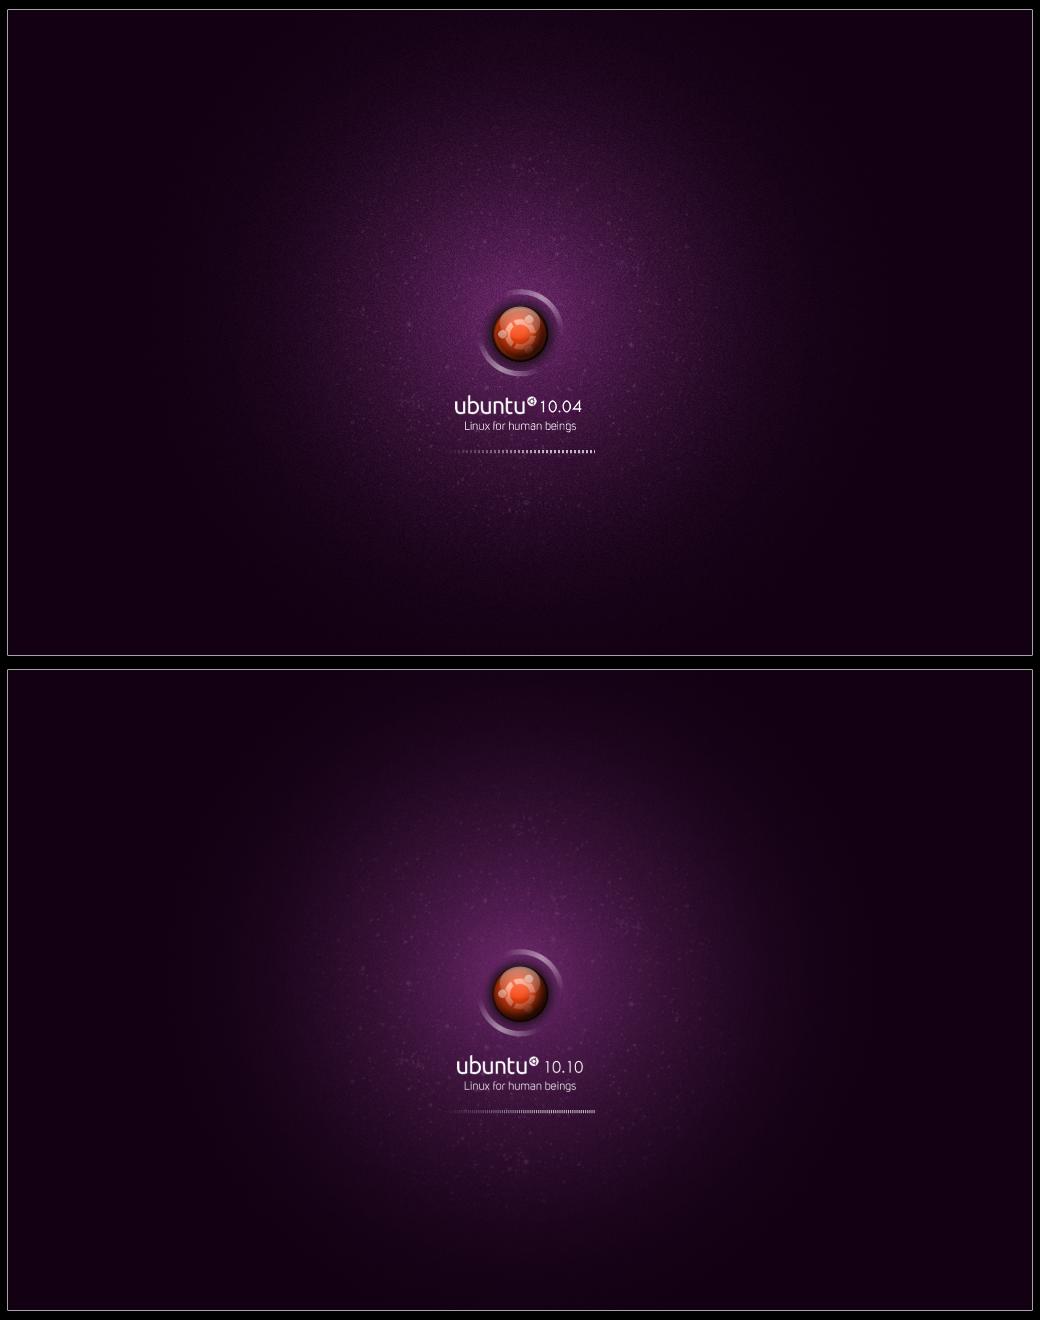 Ubuntu 10.10 Plymouth Splash